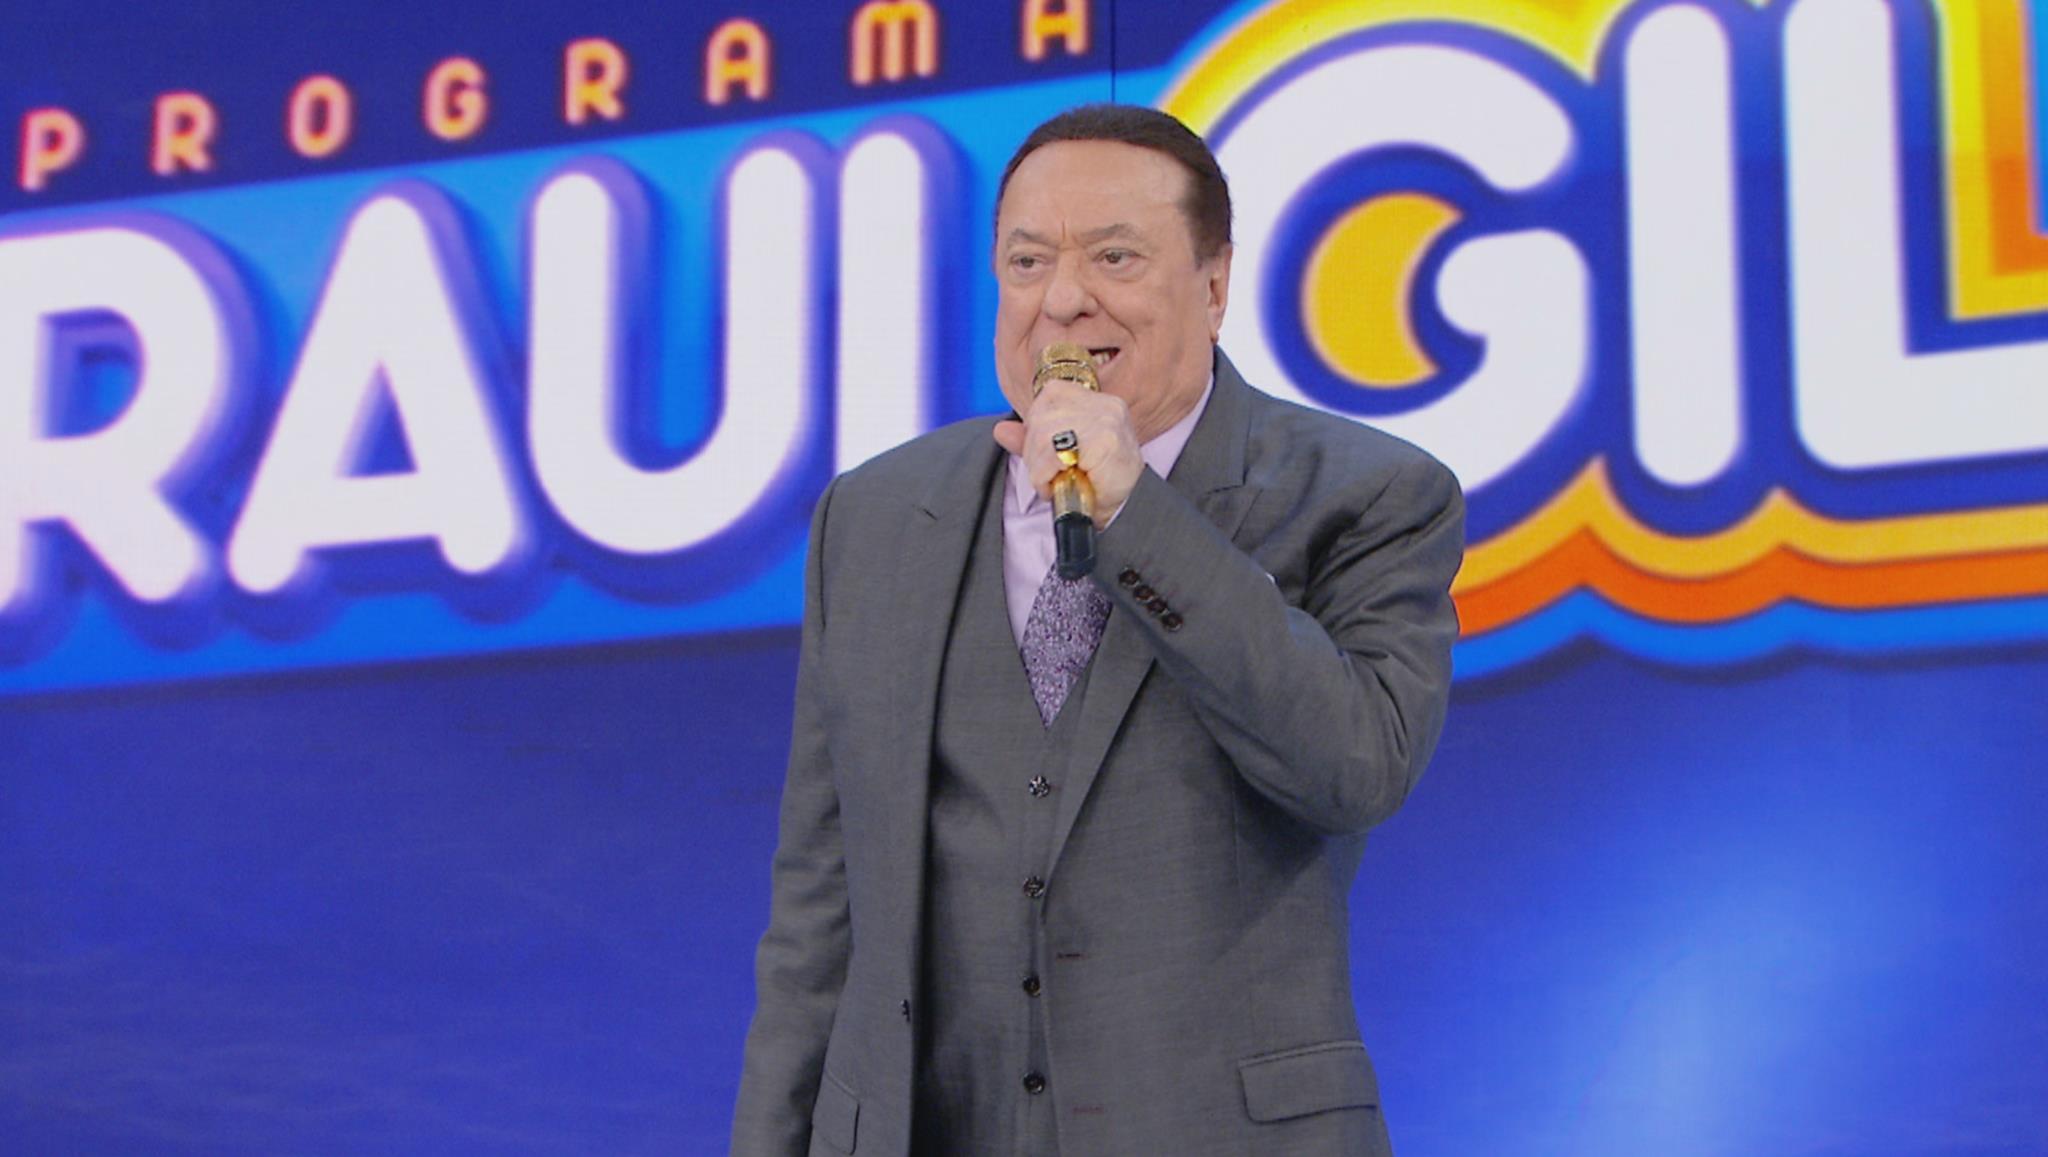 Raul Gil deixará o SBT após 6 anos (Divulgação/SBT)